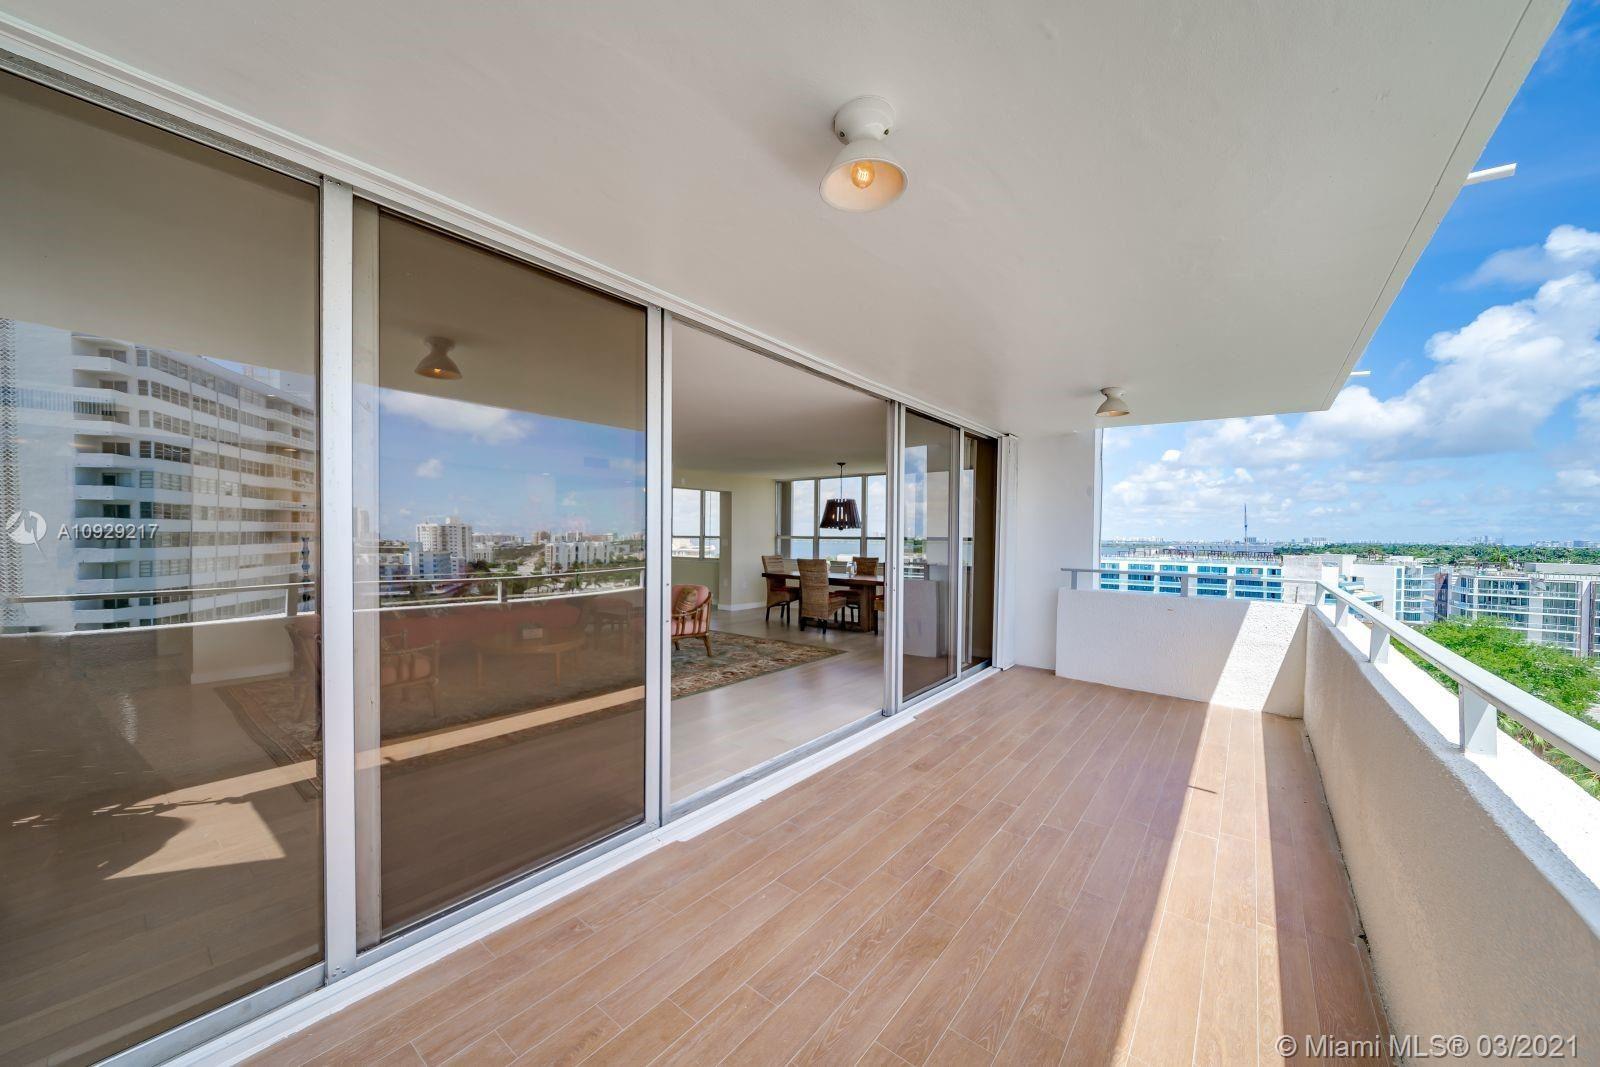 11 Island Ave #912, Miami Beach, FL 33139 - #: A10929217